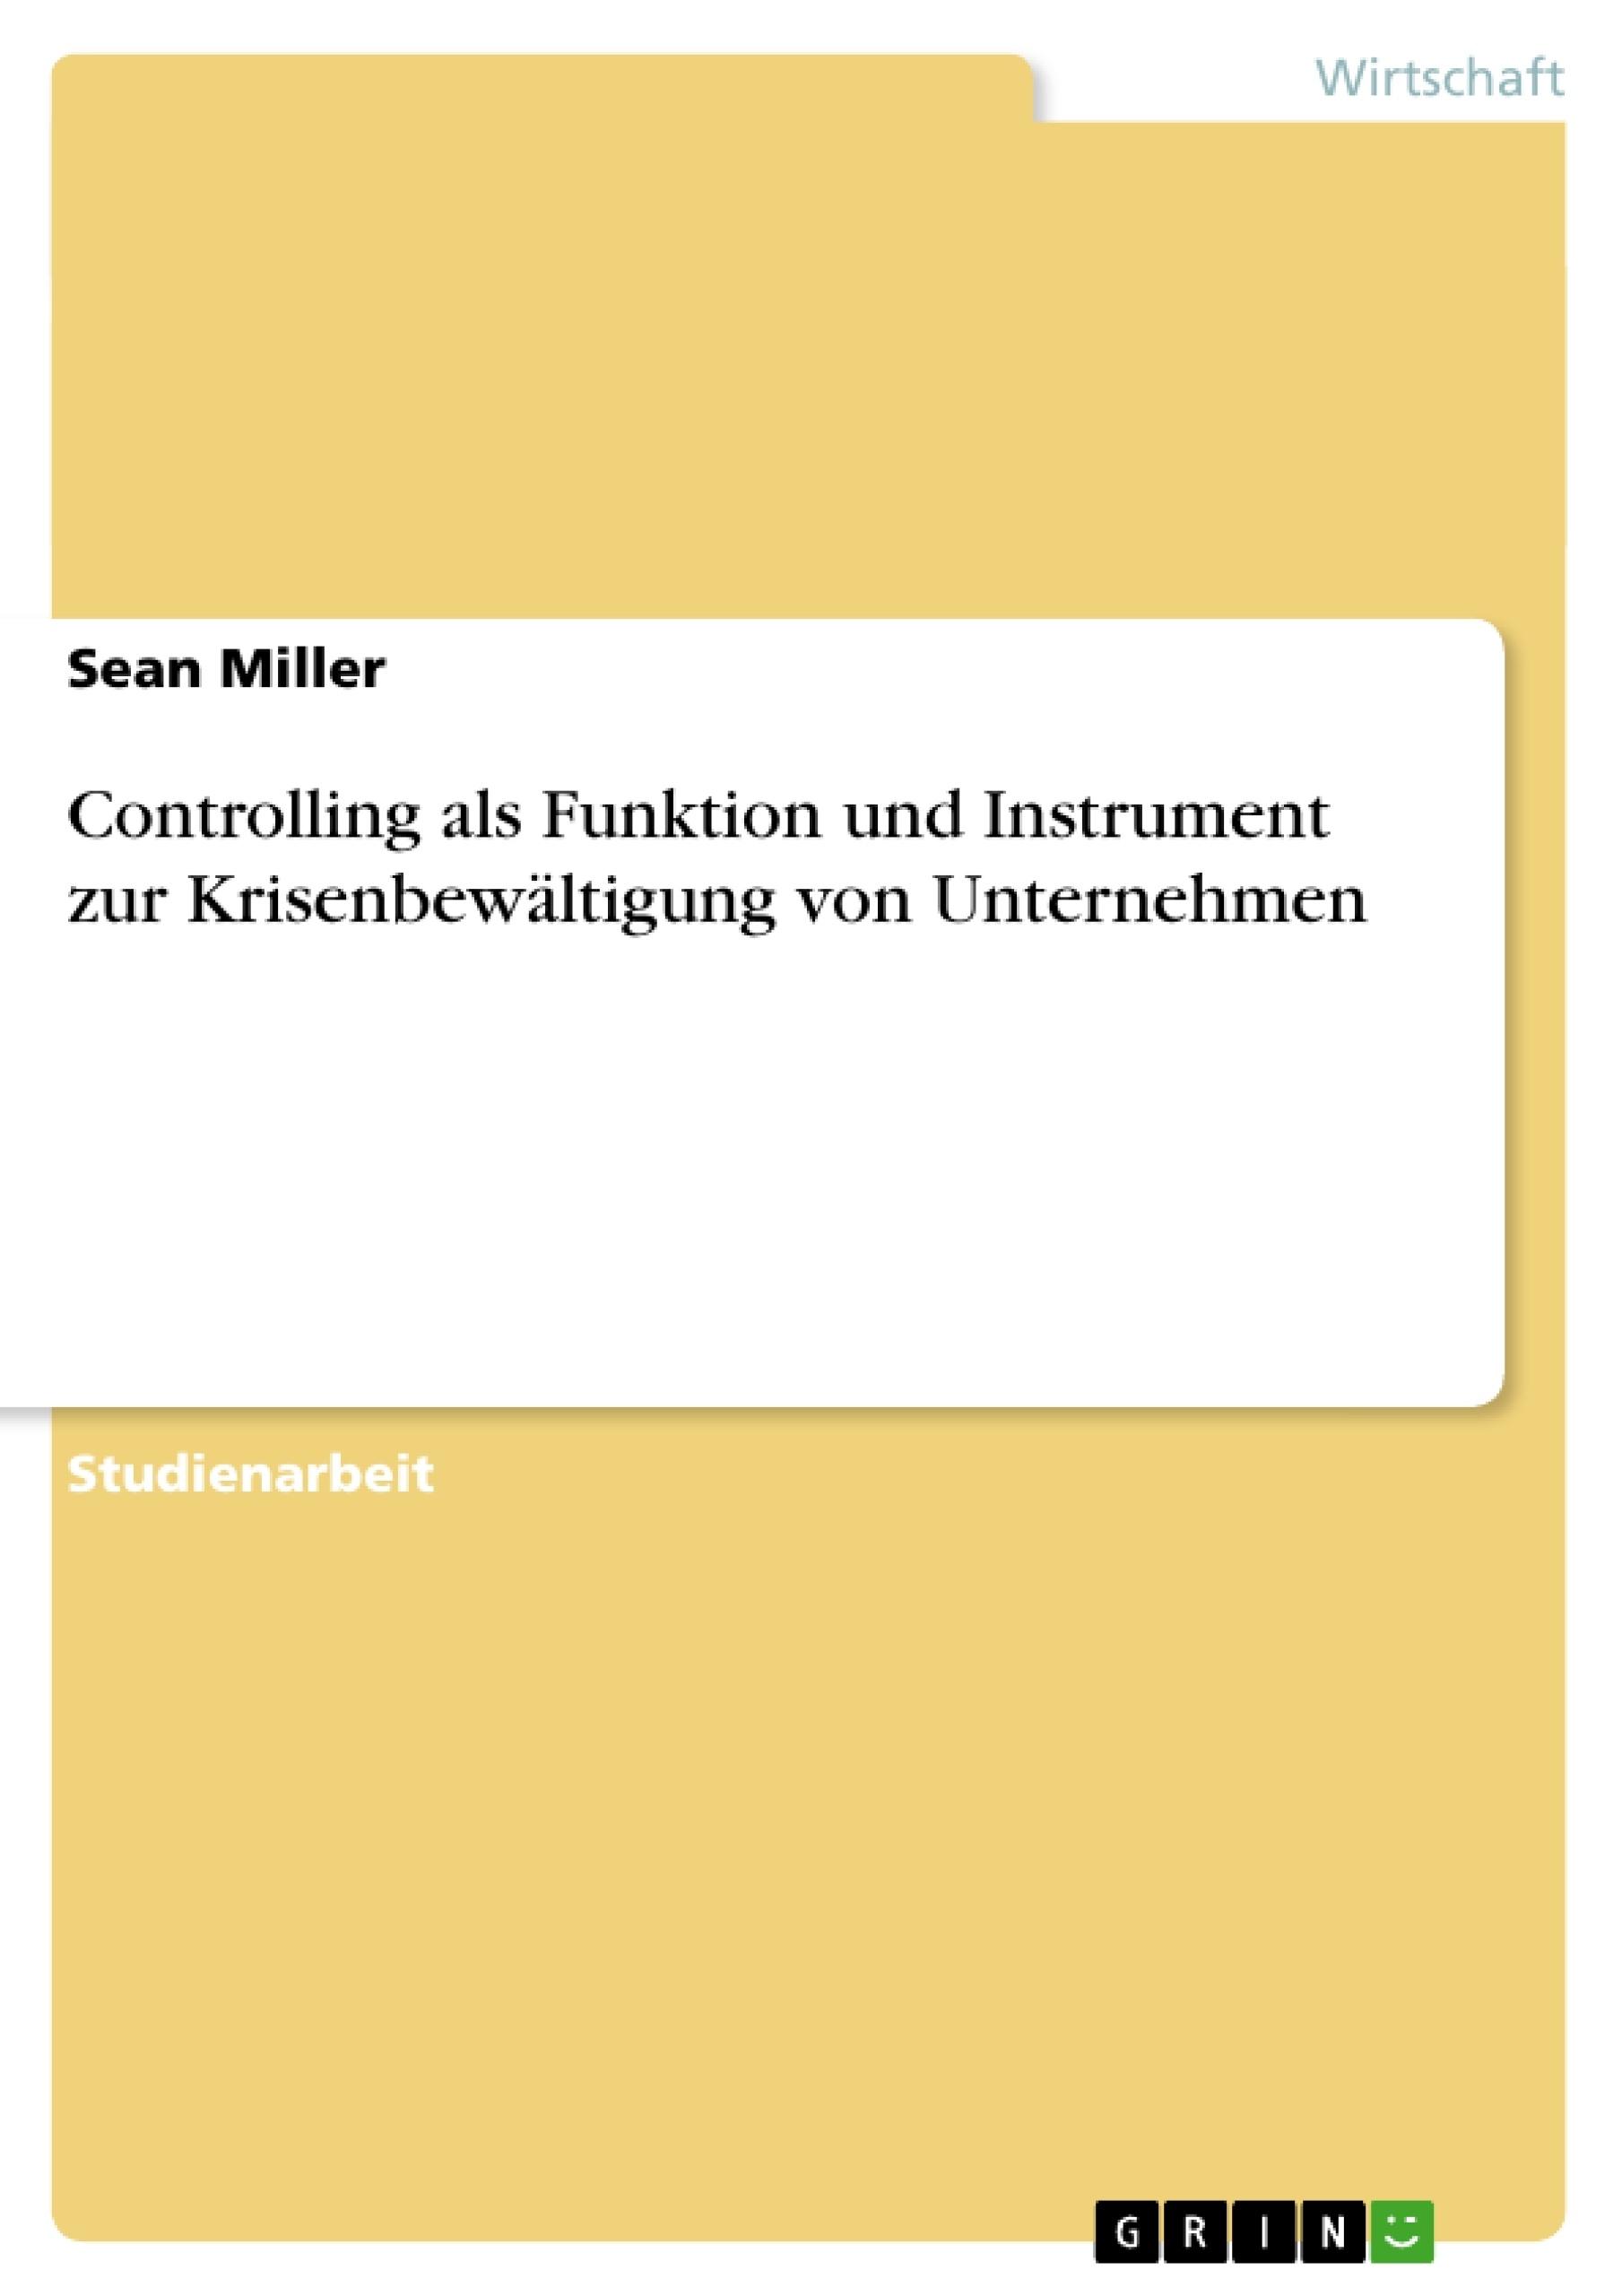 Titel: Controlling als Funktion und Instrument zur Krisenbewältigung von Unternehmen